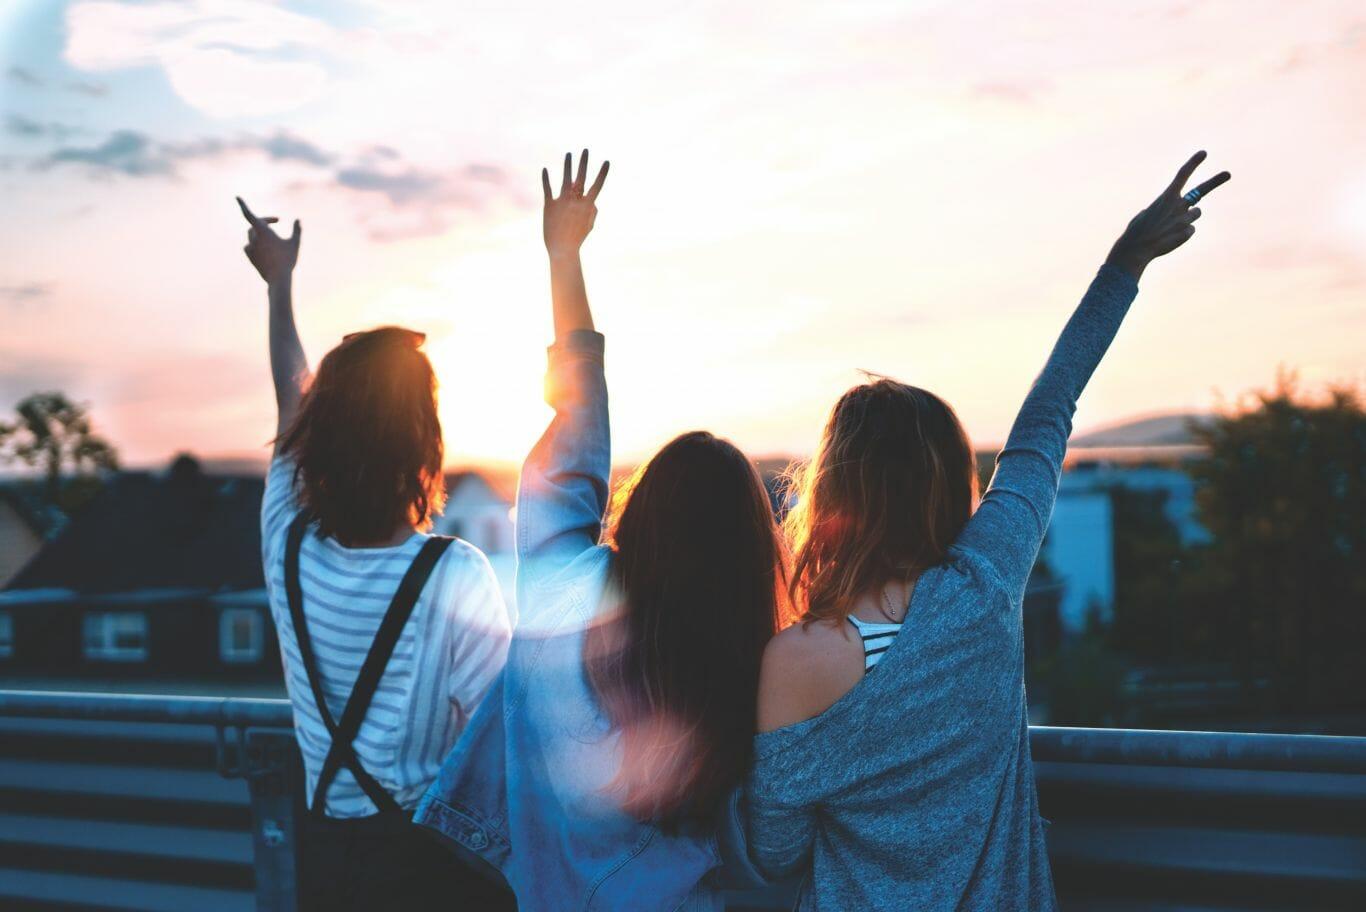 viajar amigos saúde 1